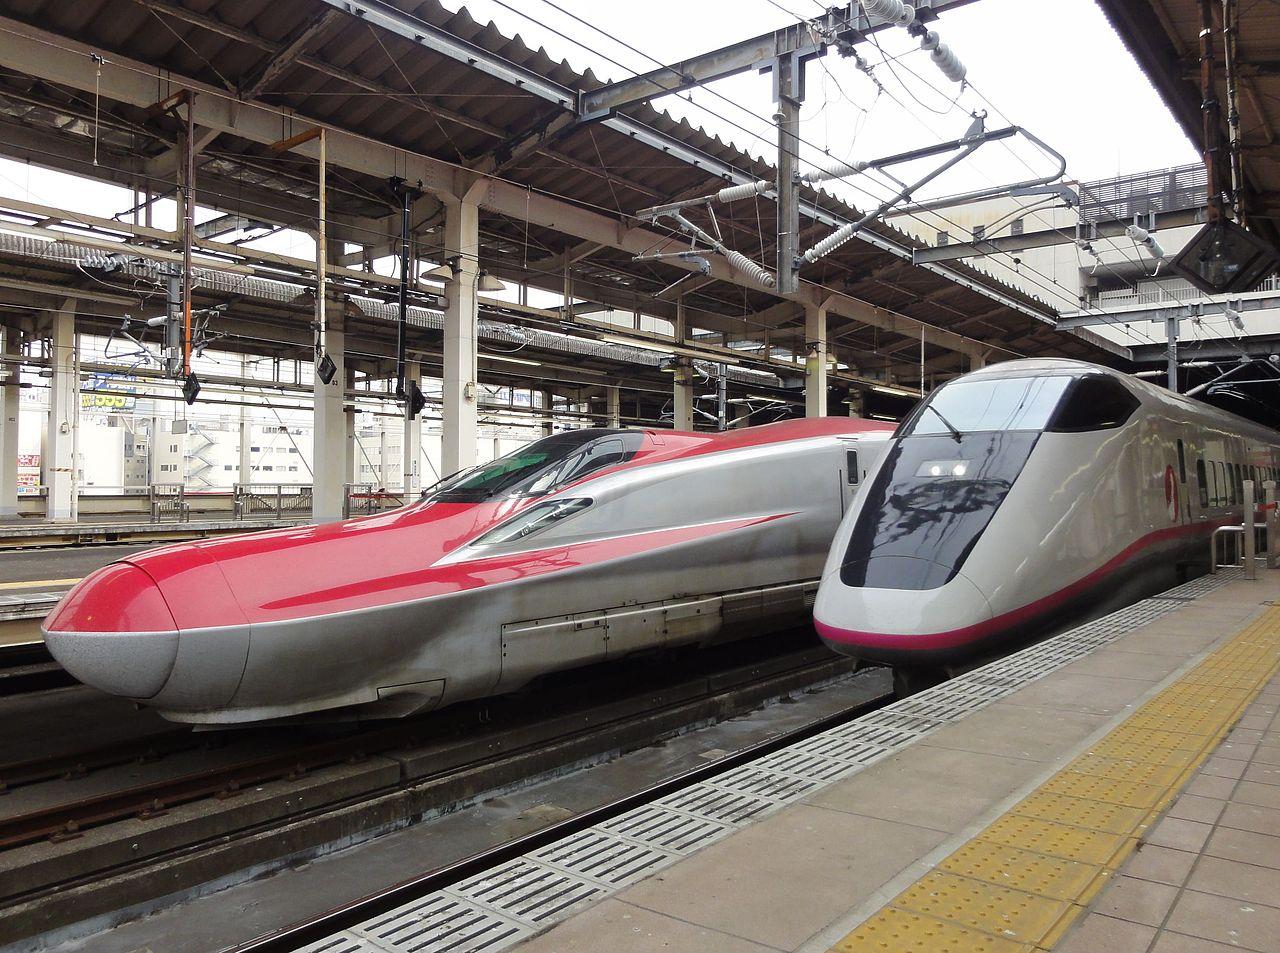 1280px-JRE_E6_S12_E3_R1_omiya_20130320.jpg